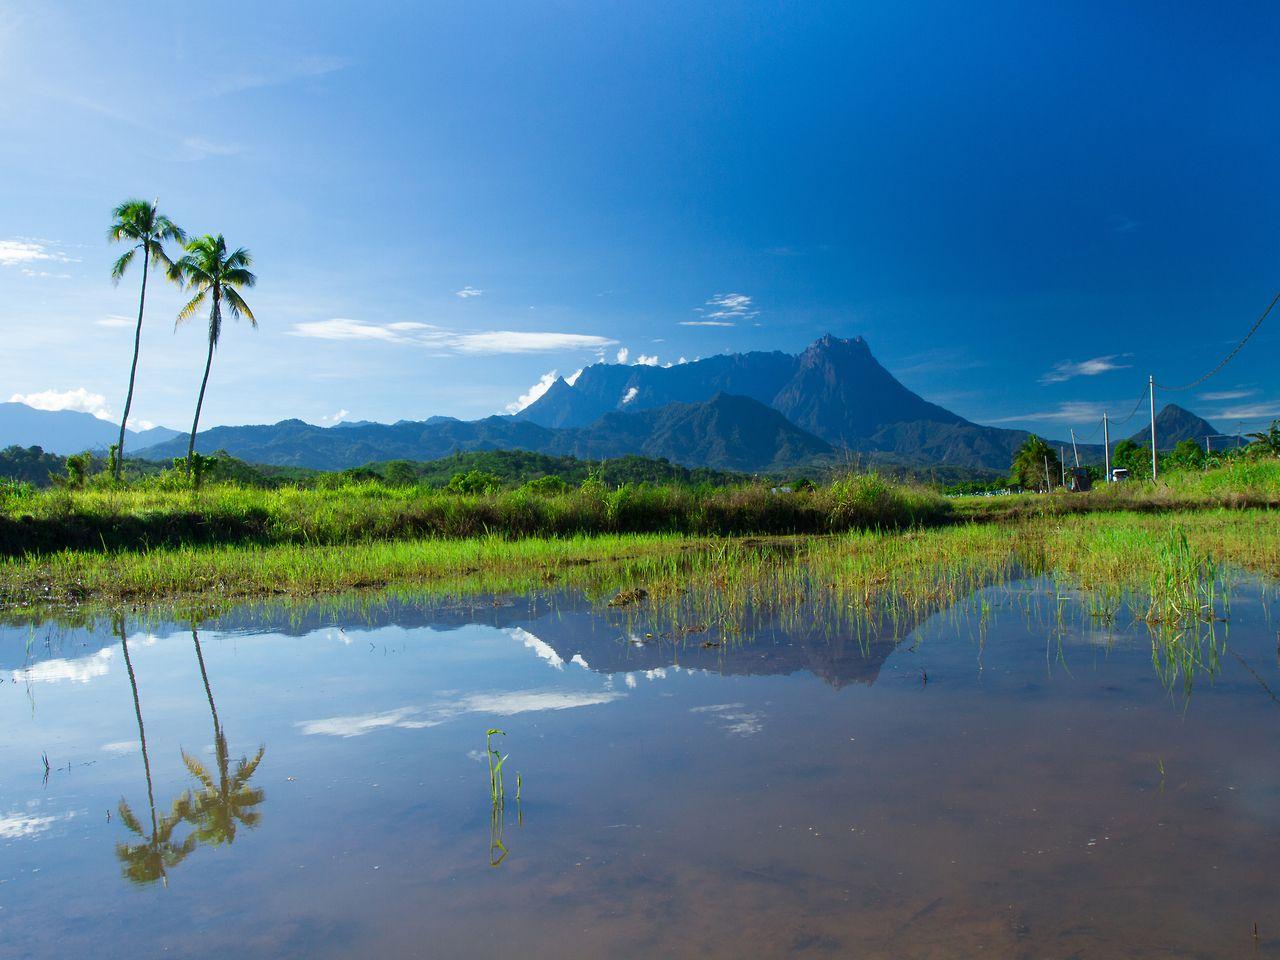 Gunung Kinabalu - The Highest Mountain in Malaysia